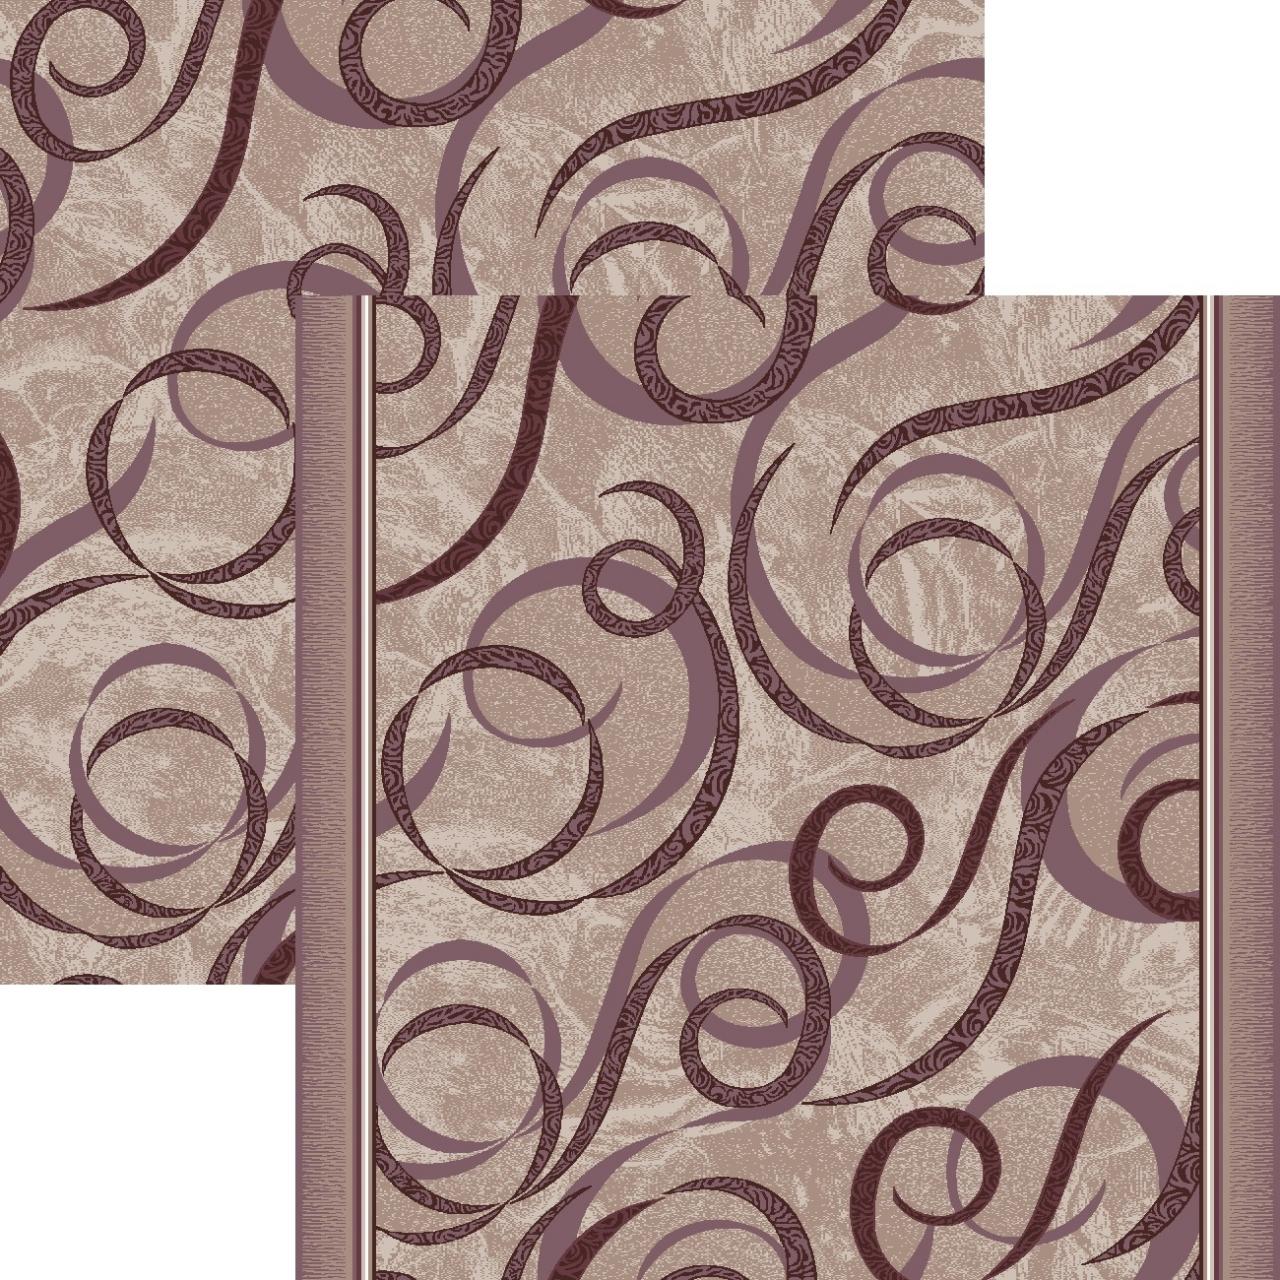 Ковровая дорожка p1304c2r - 93 - коллекция принт 8-ми цветная дорожка